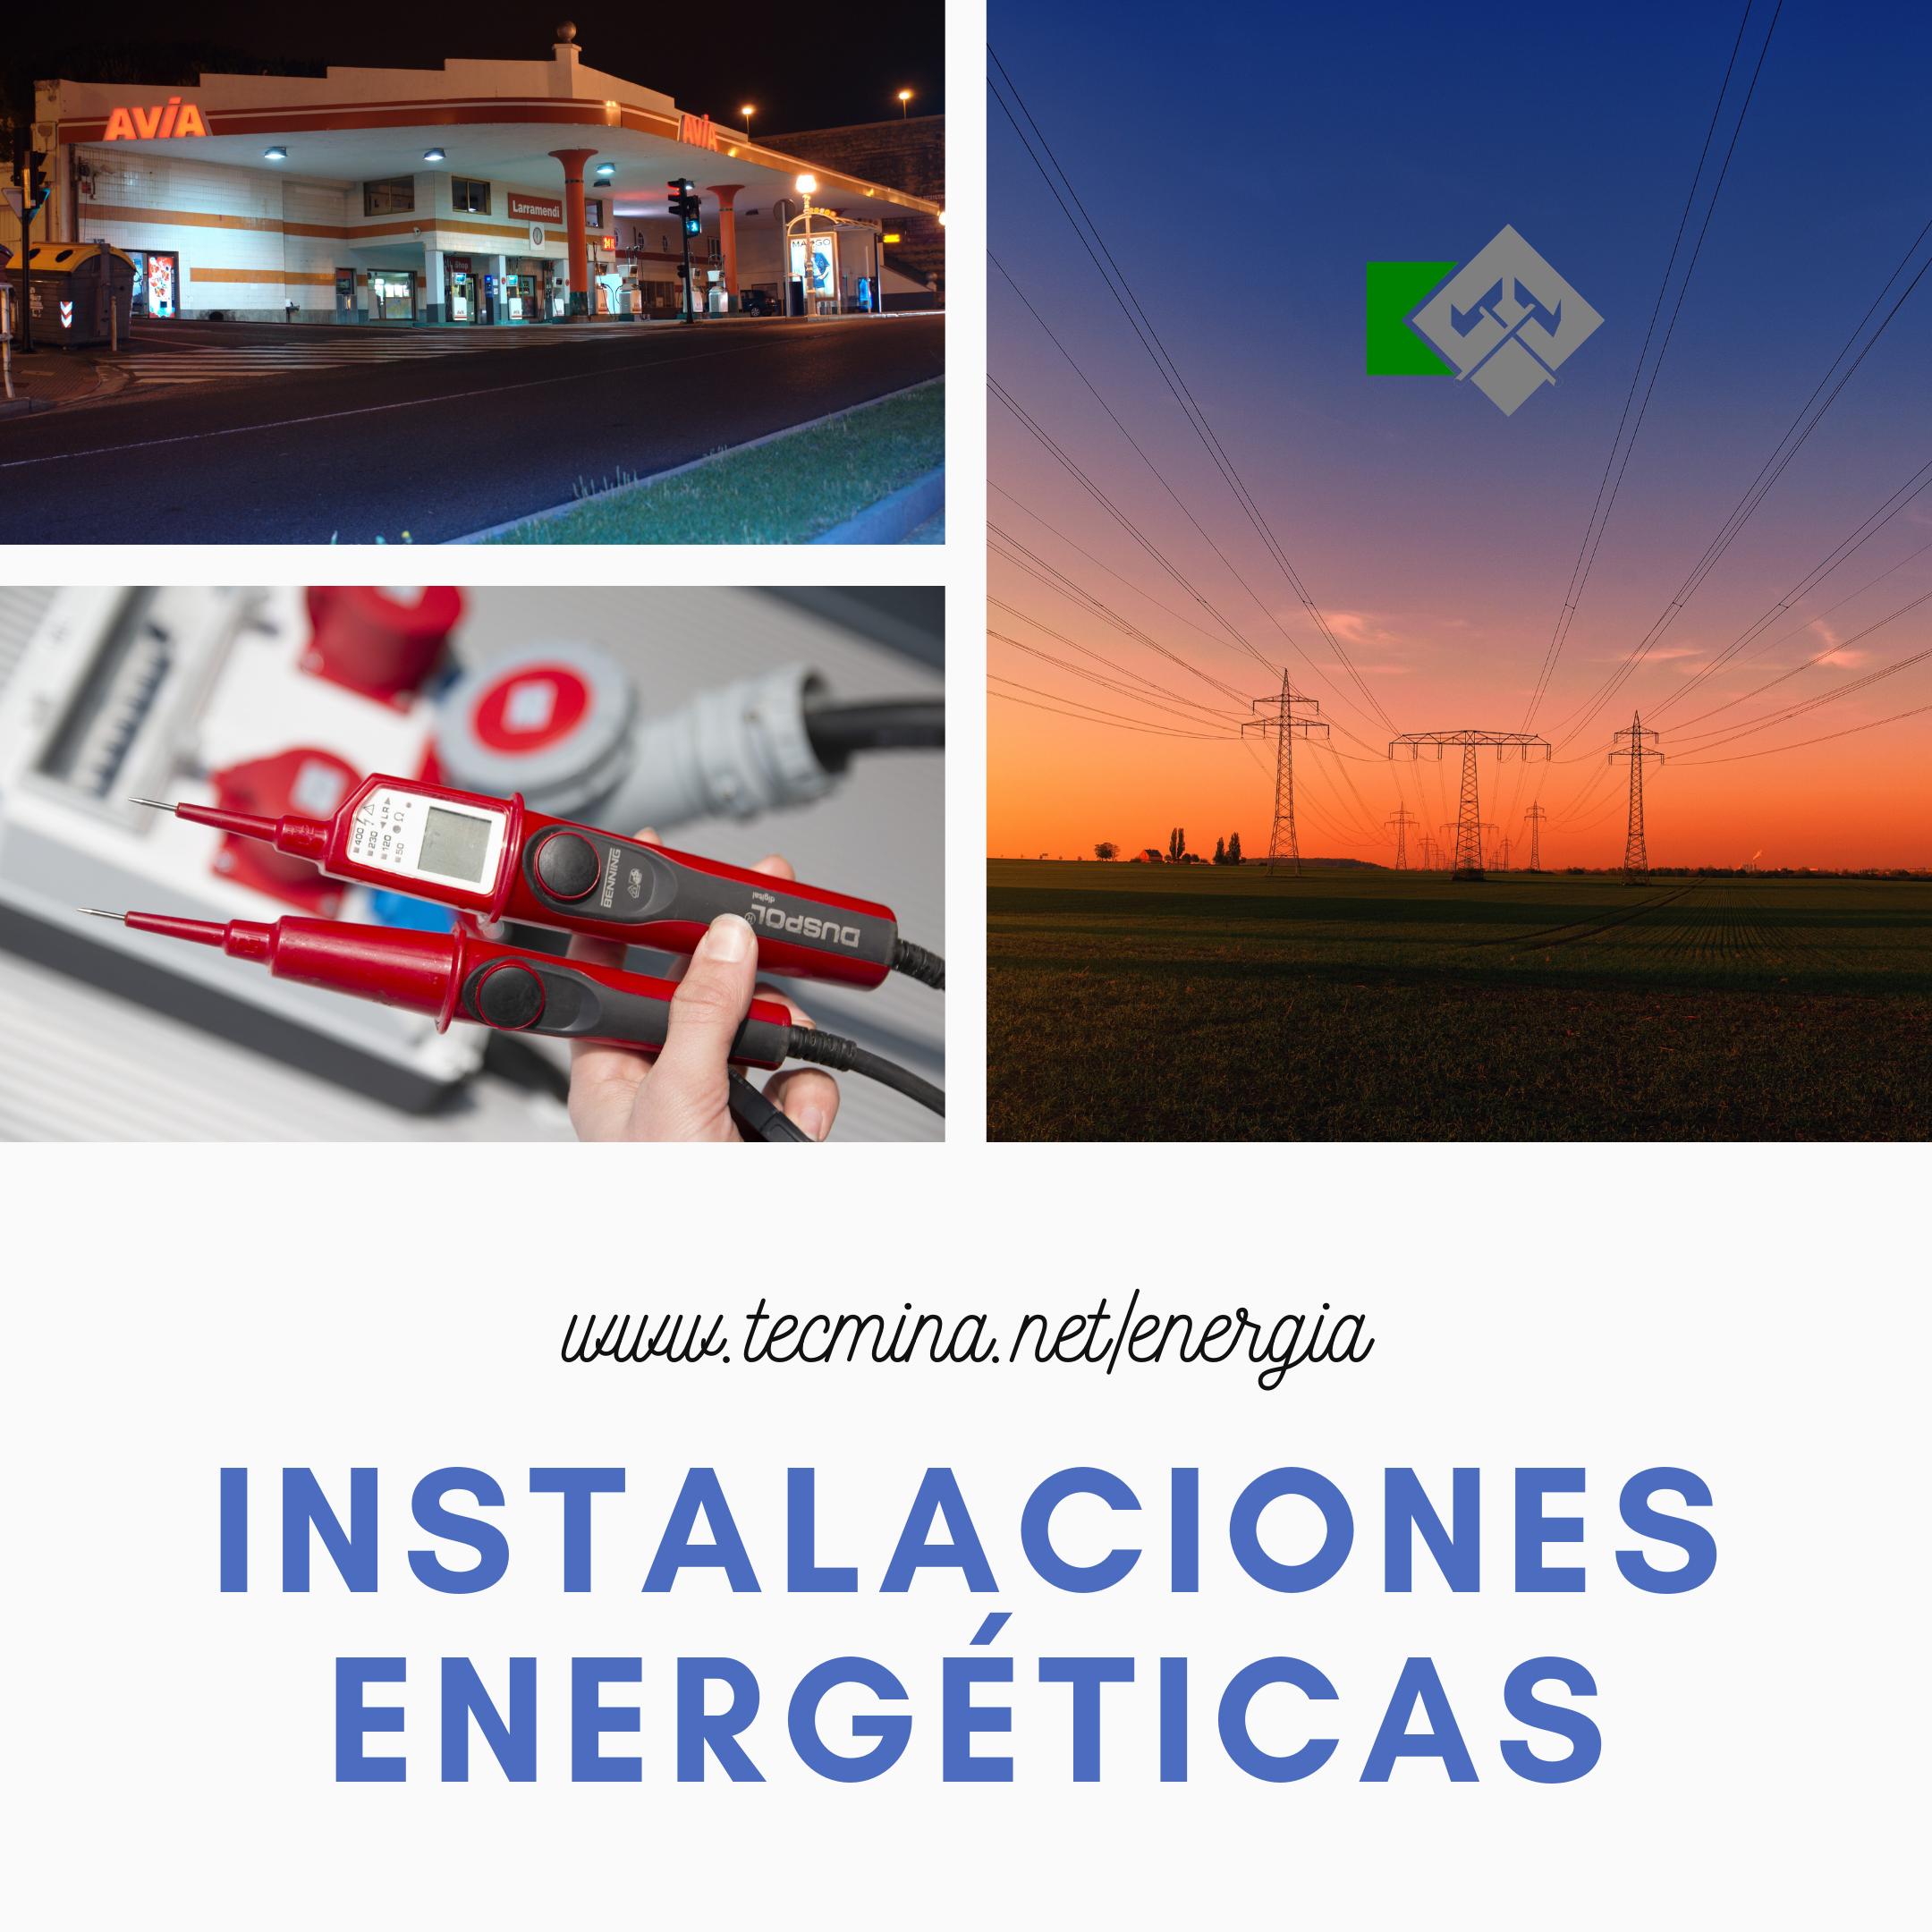 INSTALACIONES ENERGÉTICAS